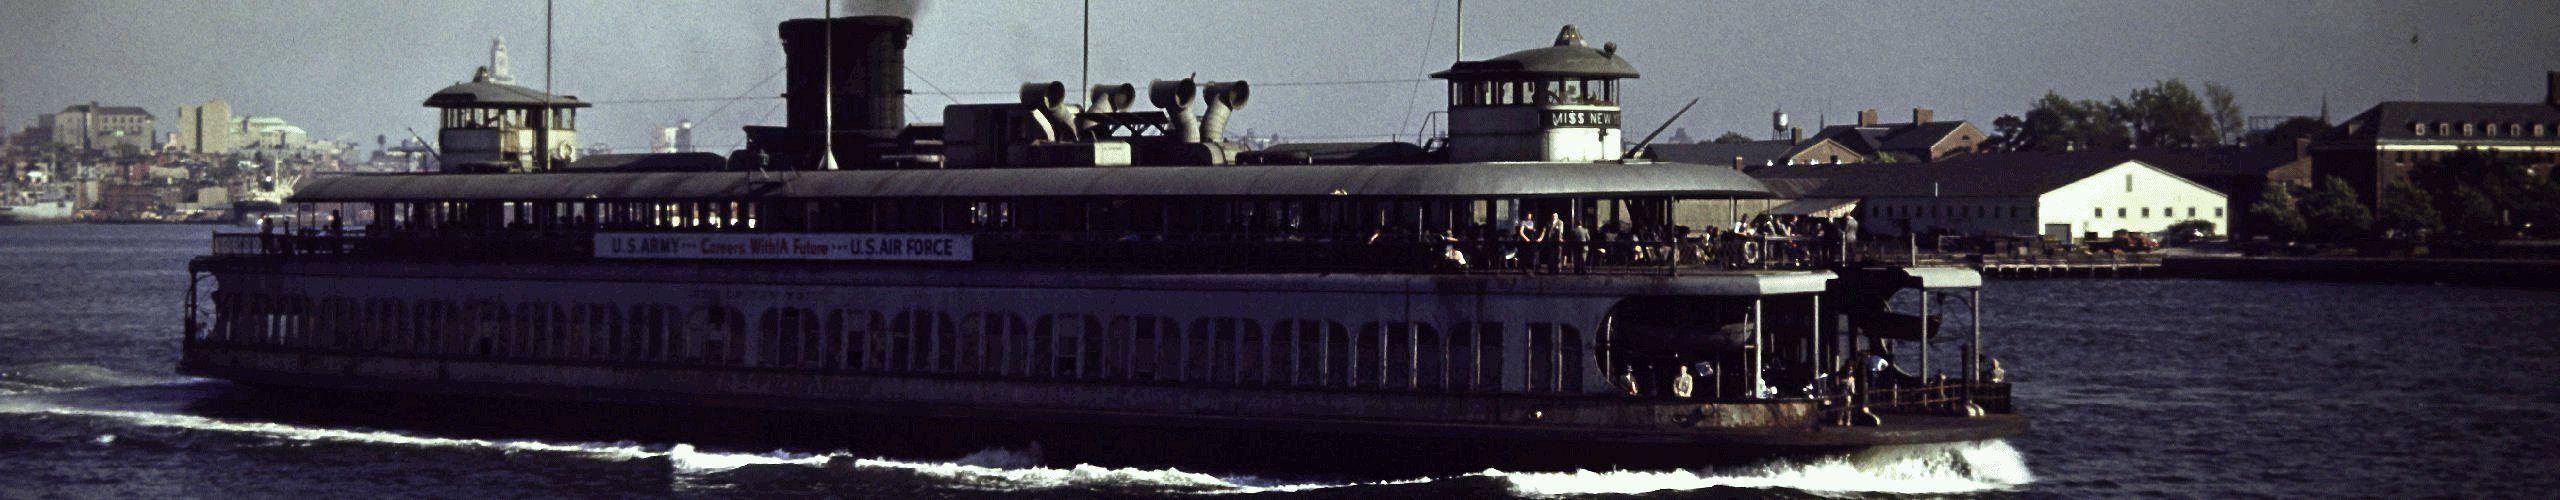 Fahrt mit der Staten Island Ferry Der Gratis-Pendelverkehr von St. George auf Staten Island nach Whitehall in Lower Manhattan zeigt, was Tausende von Einwanderer nach der Einreise auf Ellis Island zuerst erblickten. Unbestrittener Höhepunkt ist der Kopf-bis-Fuß-Anblick der Freiheitsstatue, aber die Ankunft am Whitehall Terminal mit seiner Kulisse aus bekannten Wolkenkratzern ist fast ebenso eindrucksvoll. Die Fähren gehen mindestens stündlich, Tag und Nacht in beide Richtungen